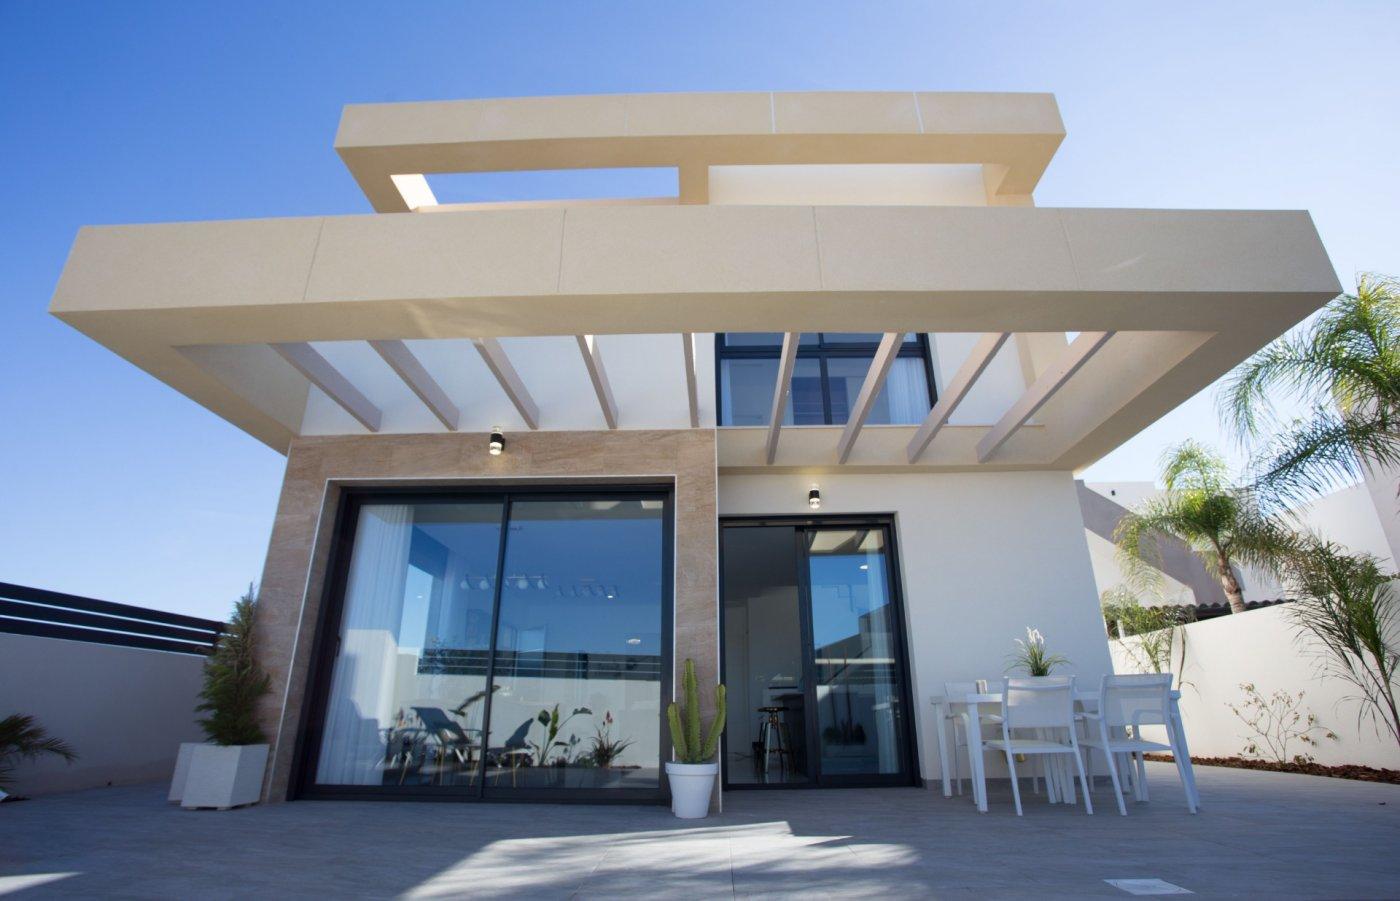 53 villas premium al oeste de torrevieja en alicante sur - imagenInmueble8